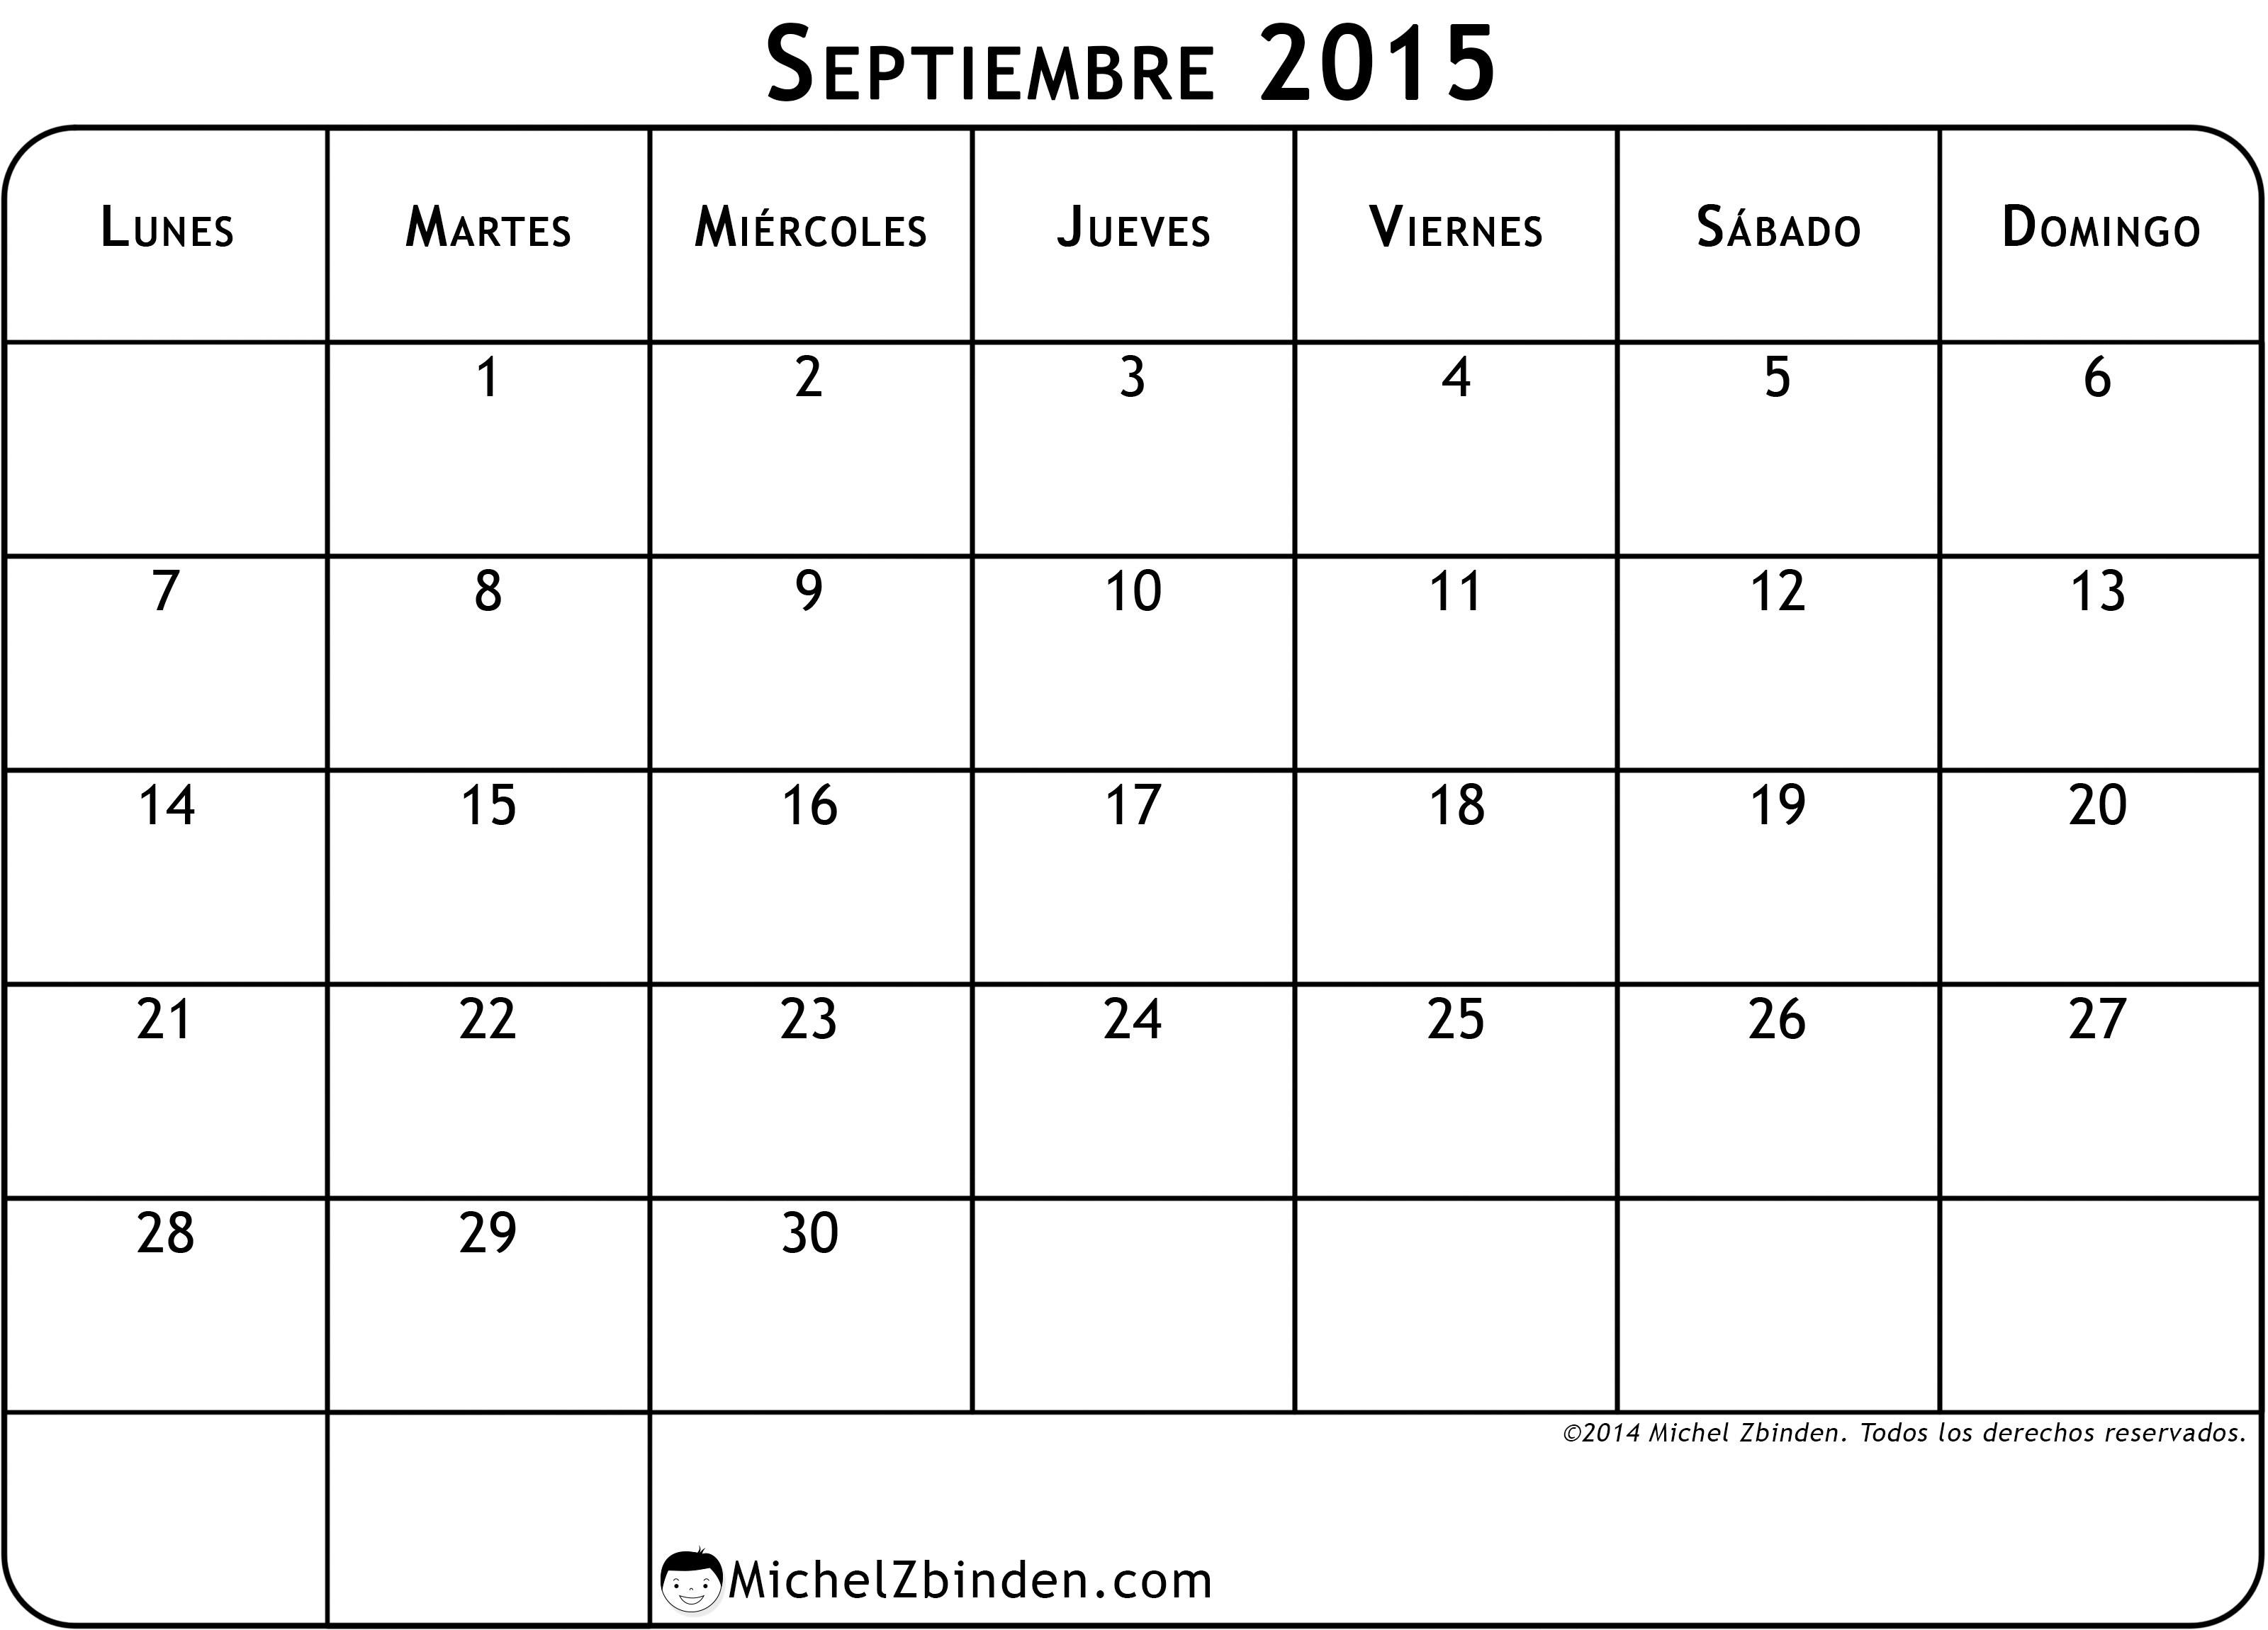 Calendario Para Imprimir Chile 2019 Más Populares Calendario Octubre 2015 Para Imprimir 2017 Vector Calendar In